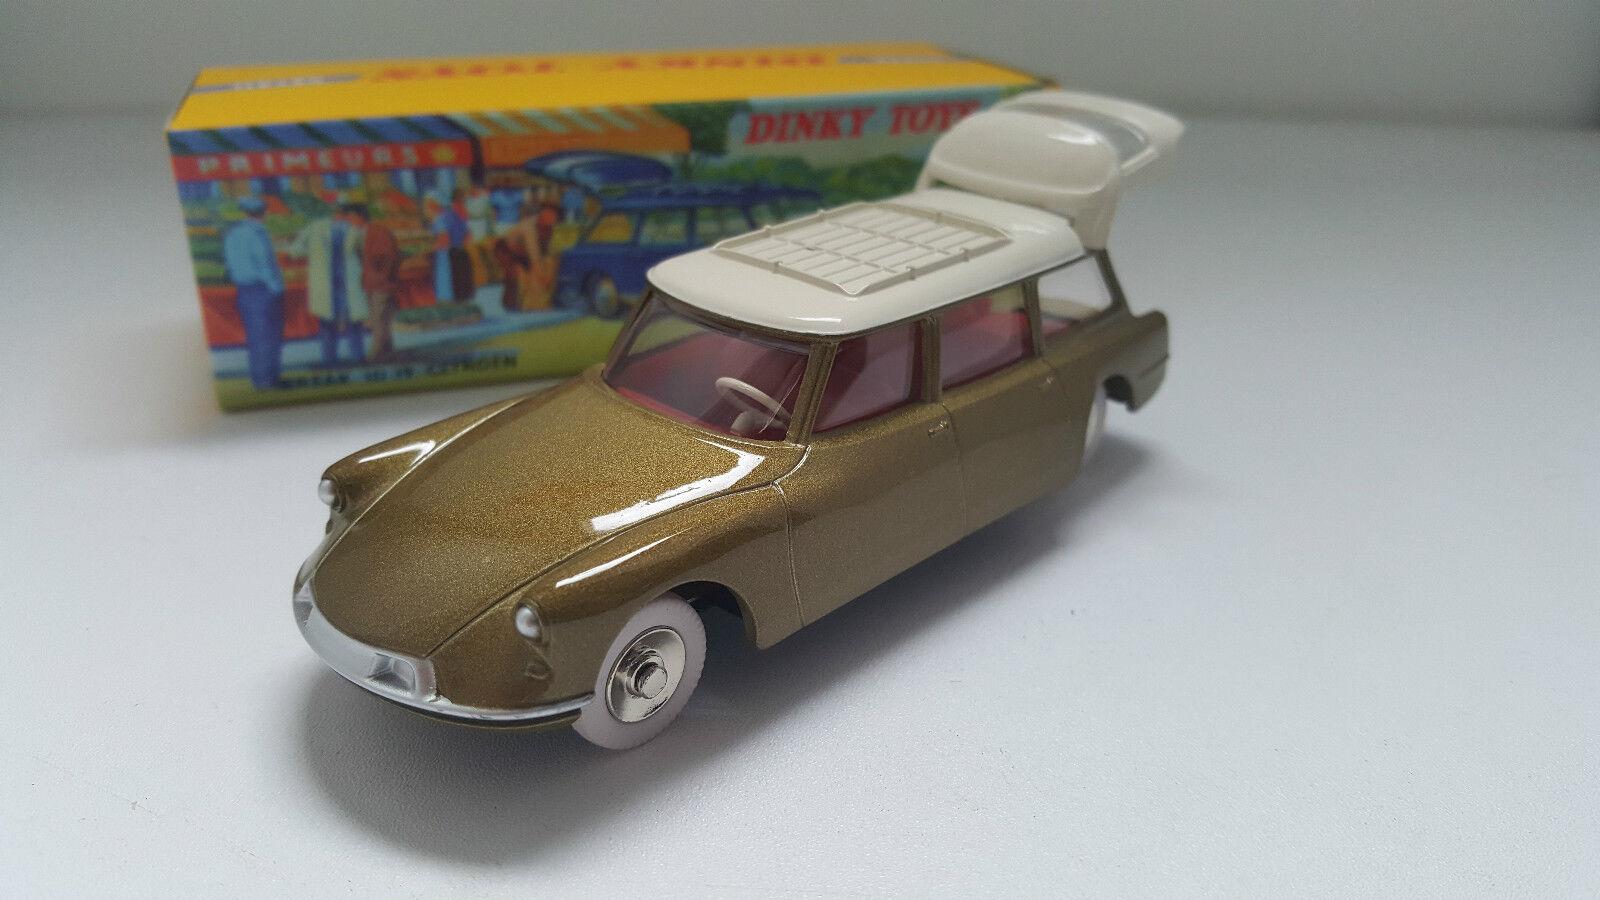 Dinky Toys Atlas - Citroën ID 19 break